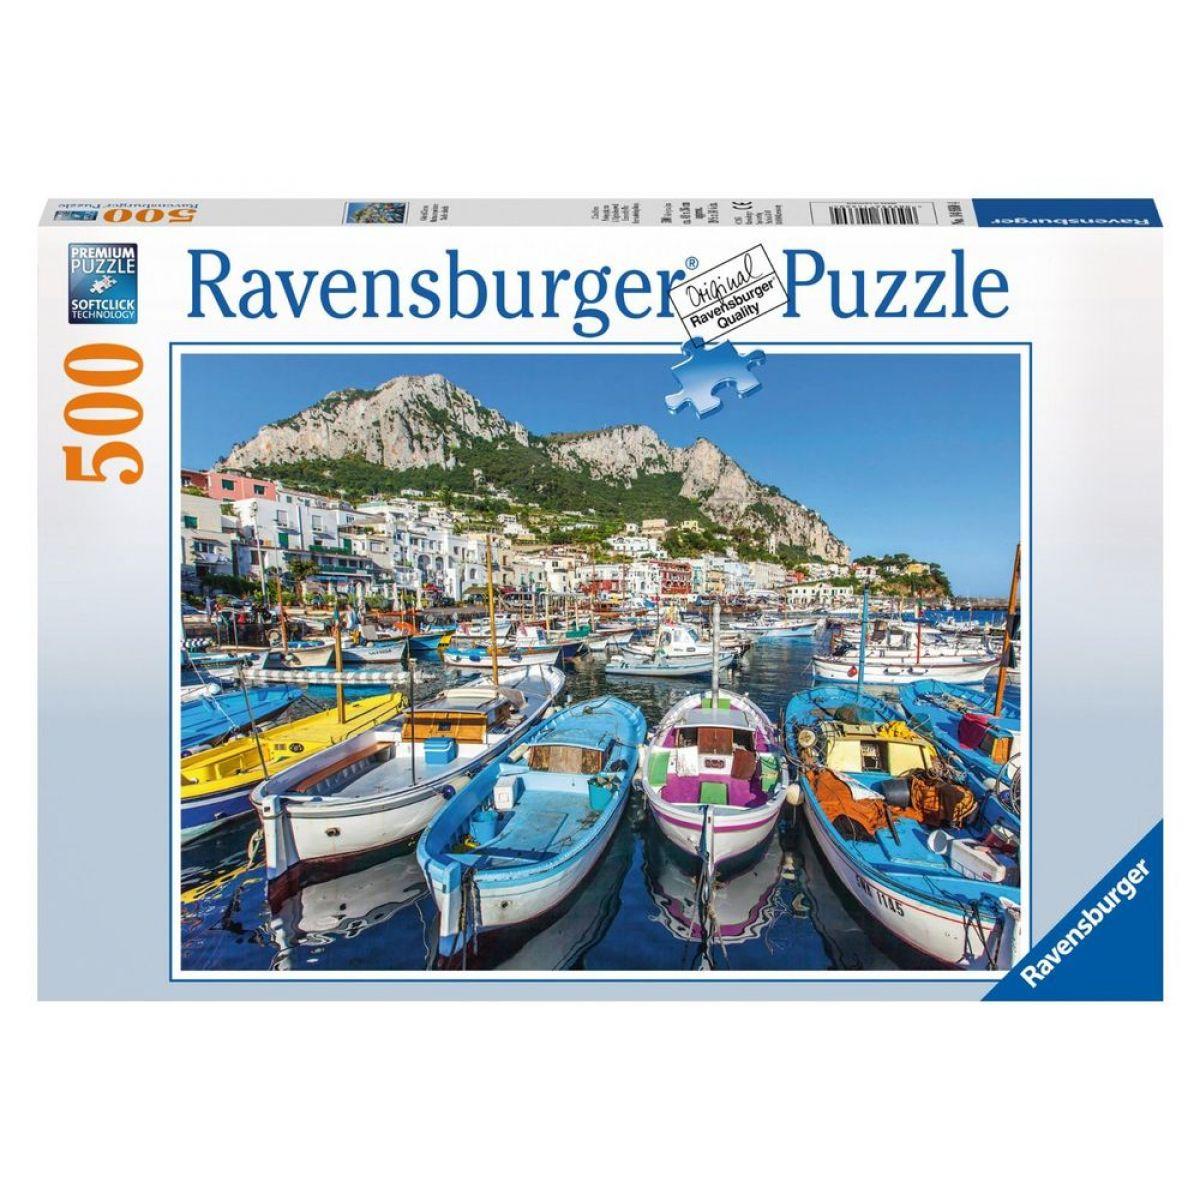 Ravensburger Puzzle Barevná Marina 500 dílků